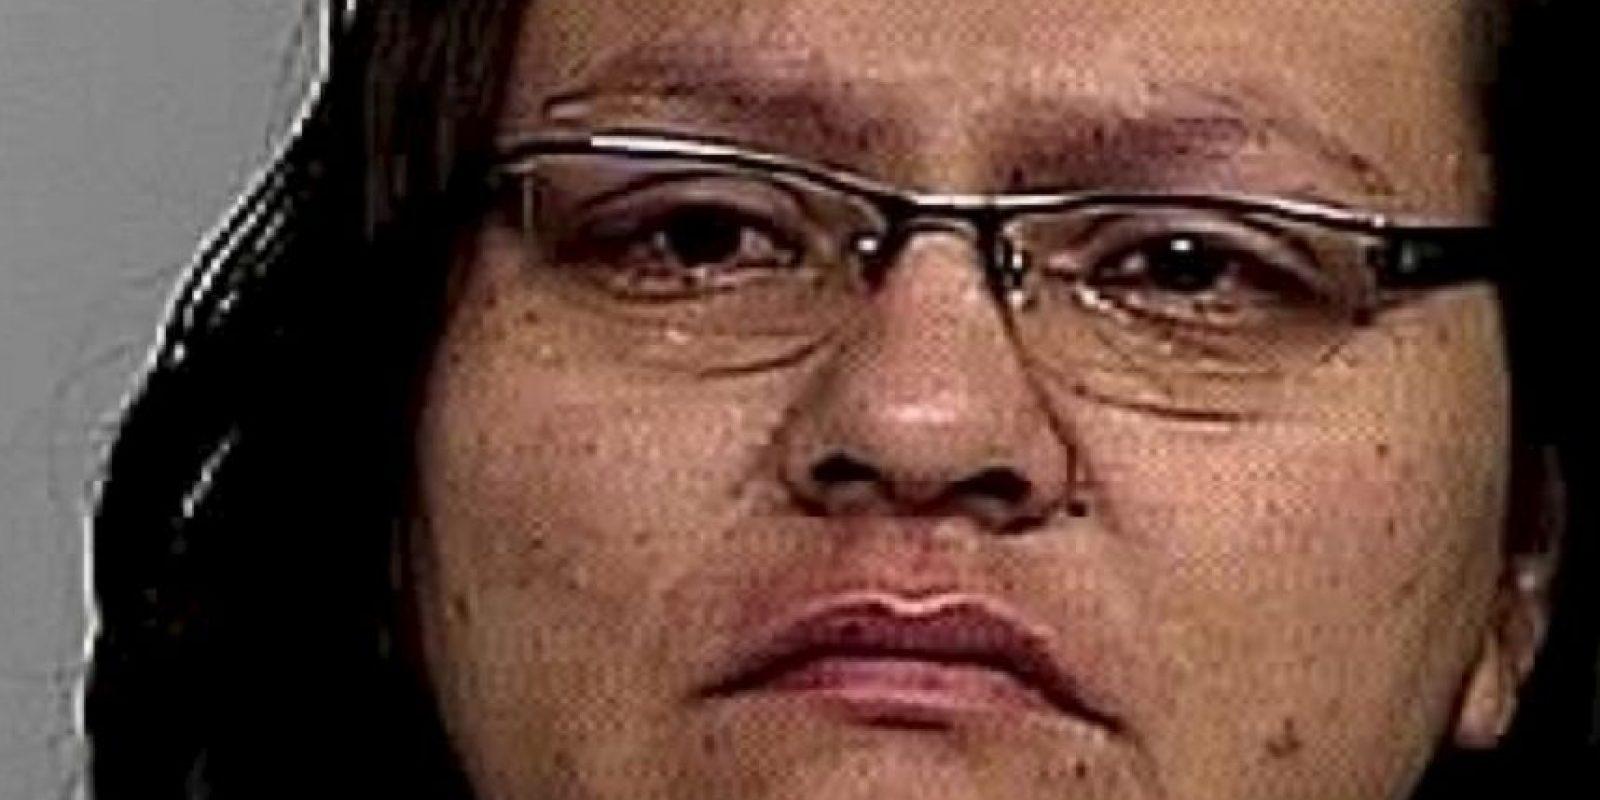 Sunnona Marie Hink no entró a robar a una casa. Solo quería declarar su amor a su dueña. Foto:Policía de Casper